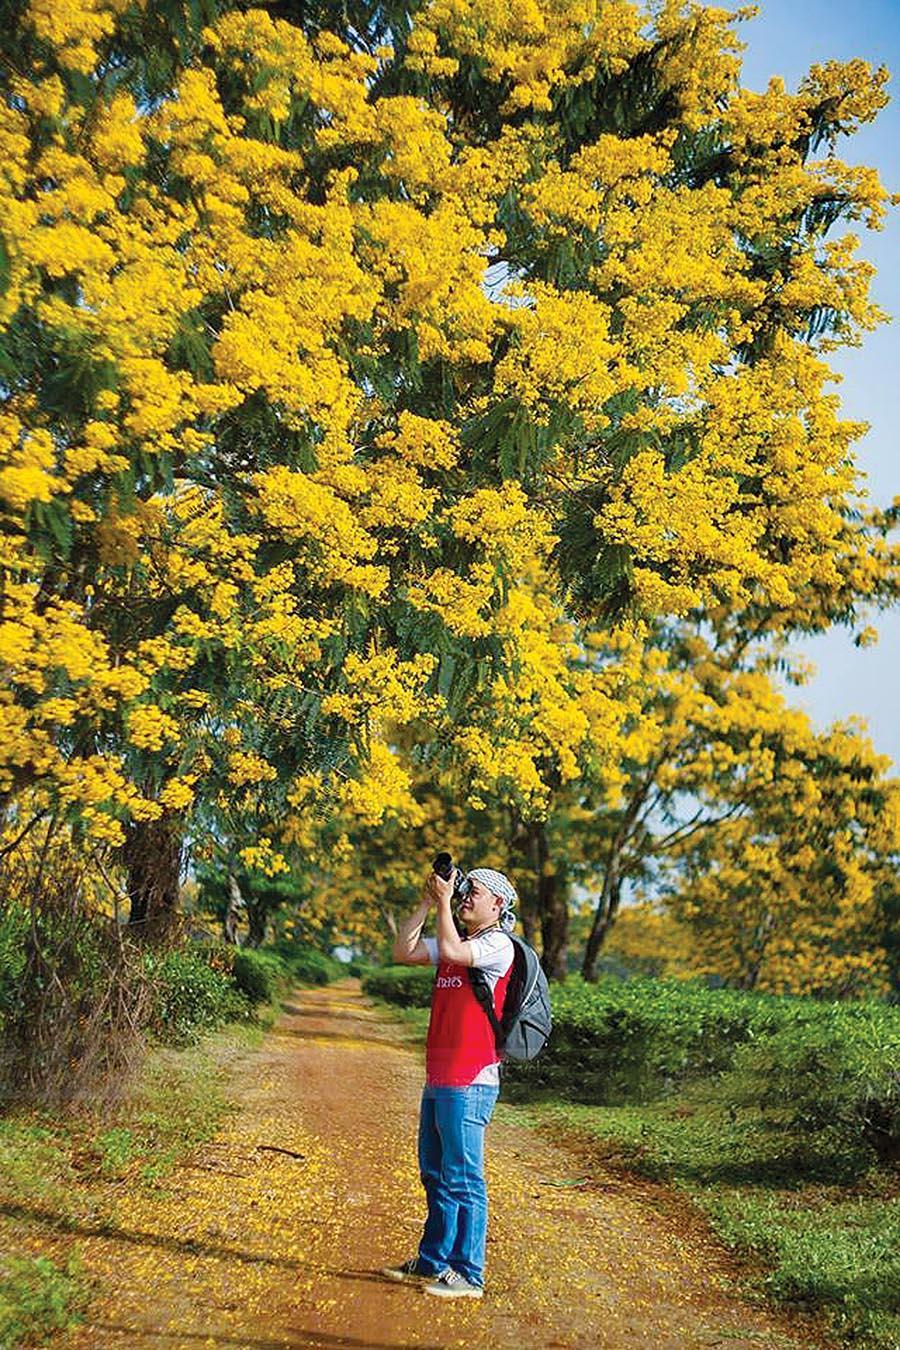 Hoa muồng vàng ở Nông trường Chè Bàu Cạn (huyện Chư Prông). Ảnh: Công Ngô